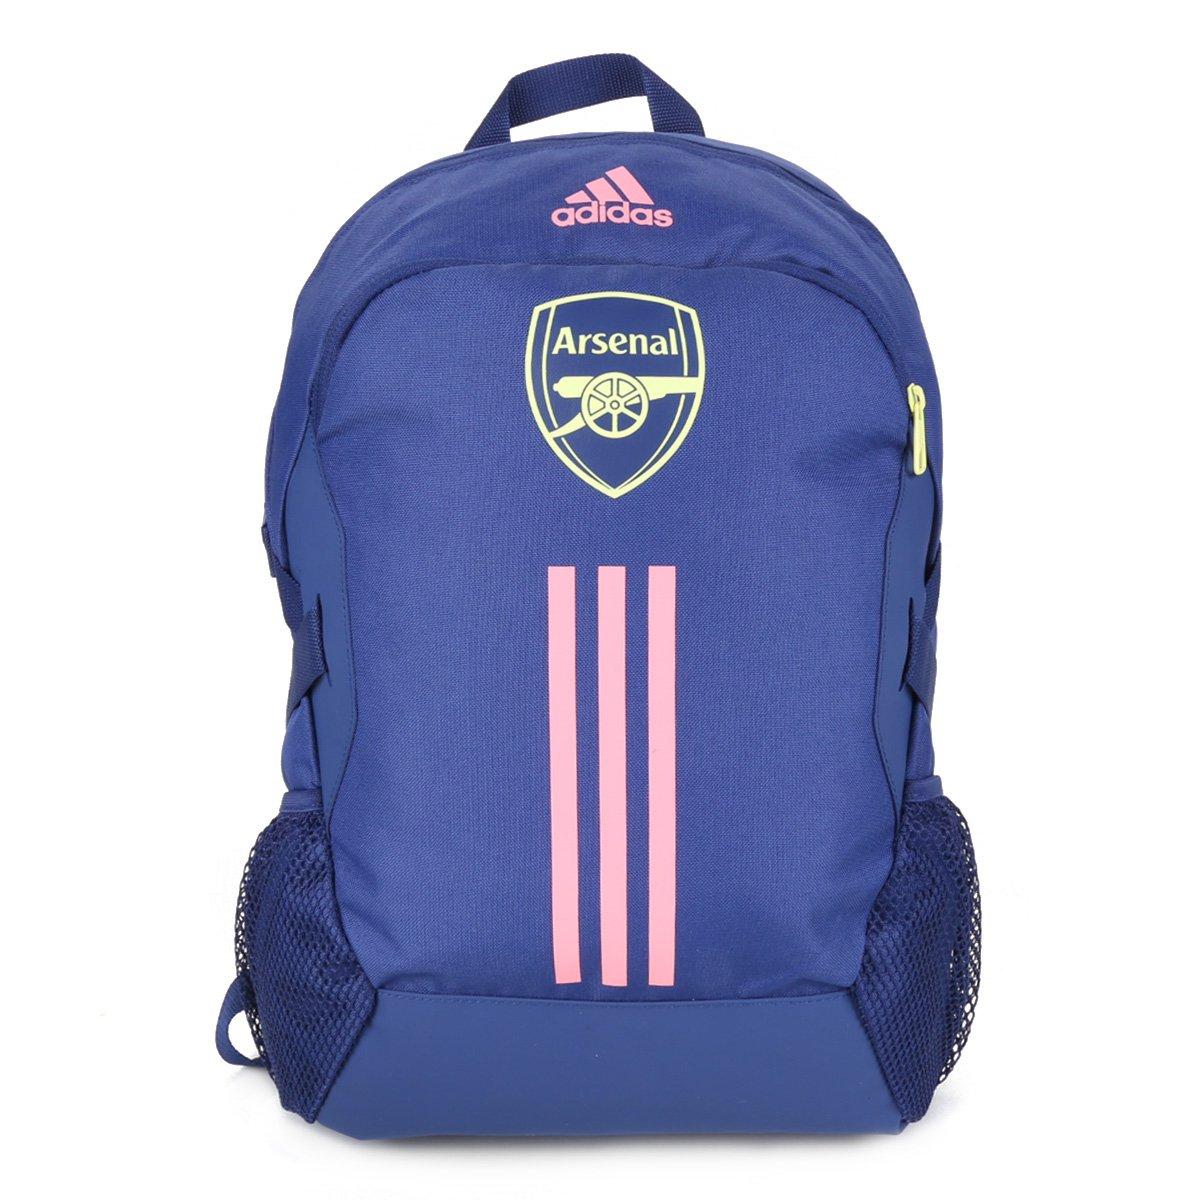 Mochila Arsenal Adidas